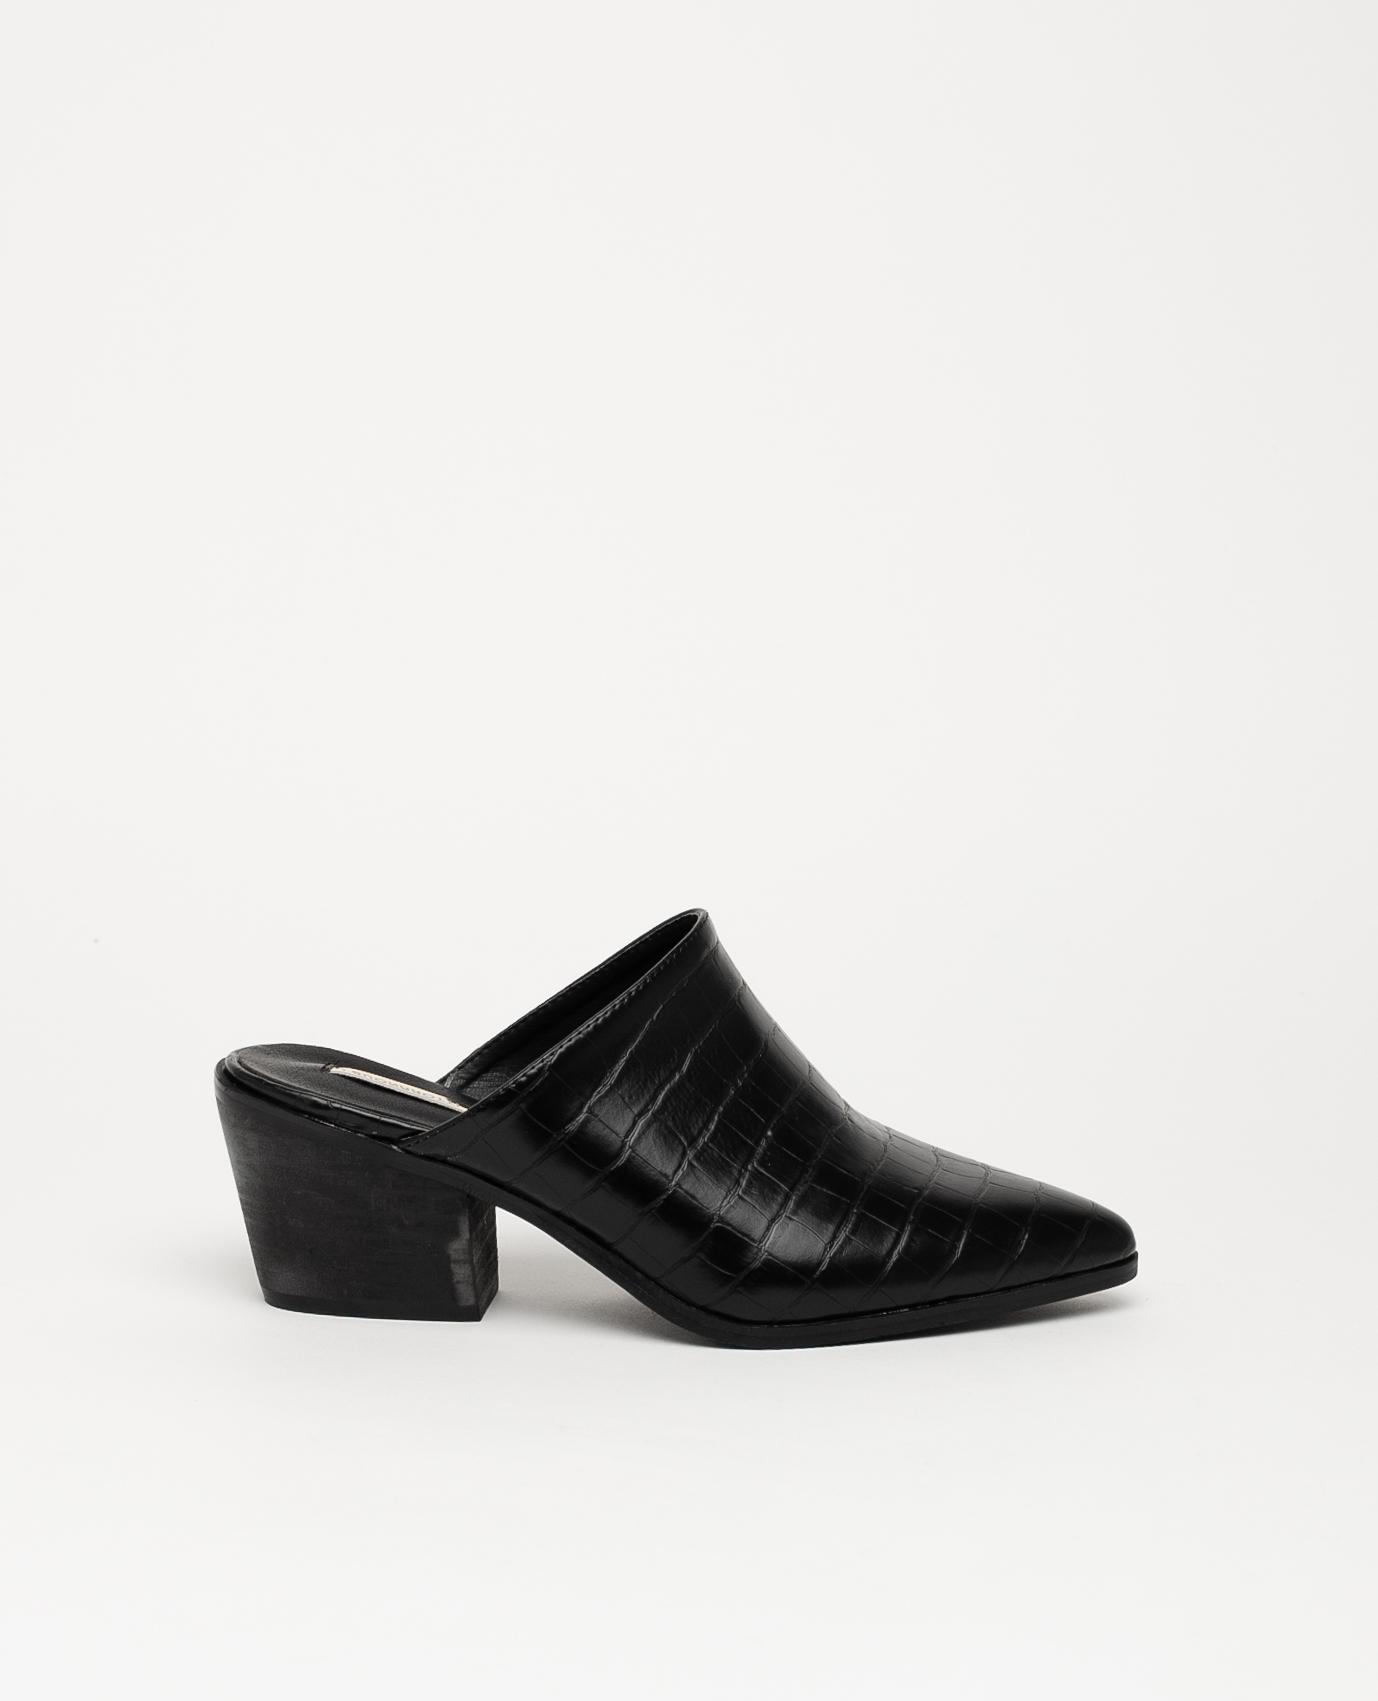 Sandalo con tacco alto Namur - Nero